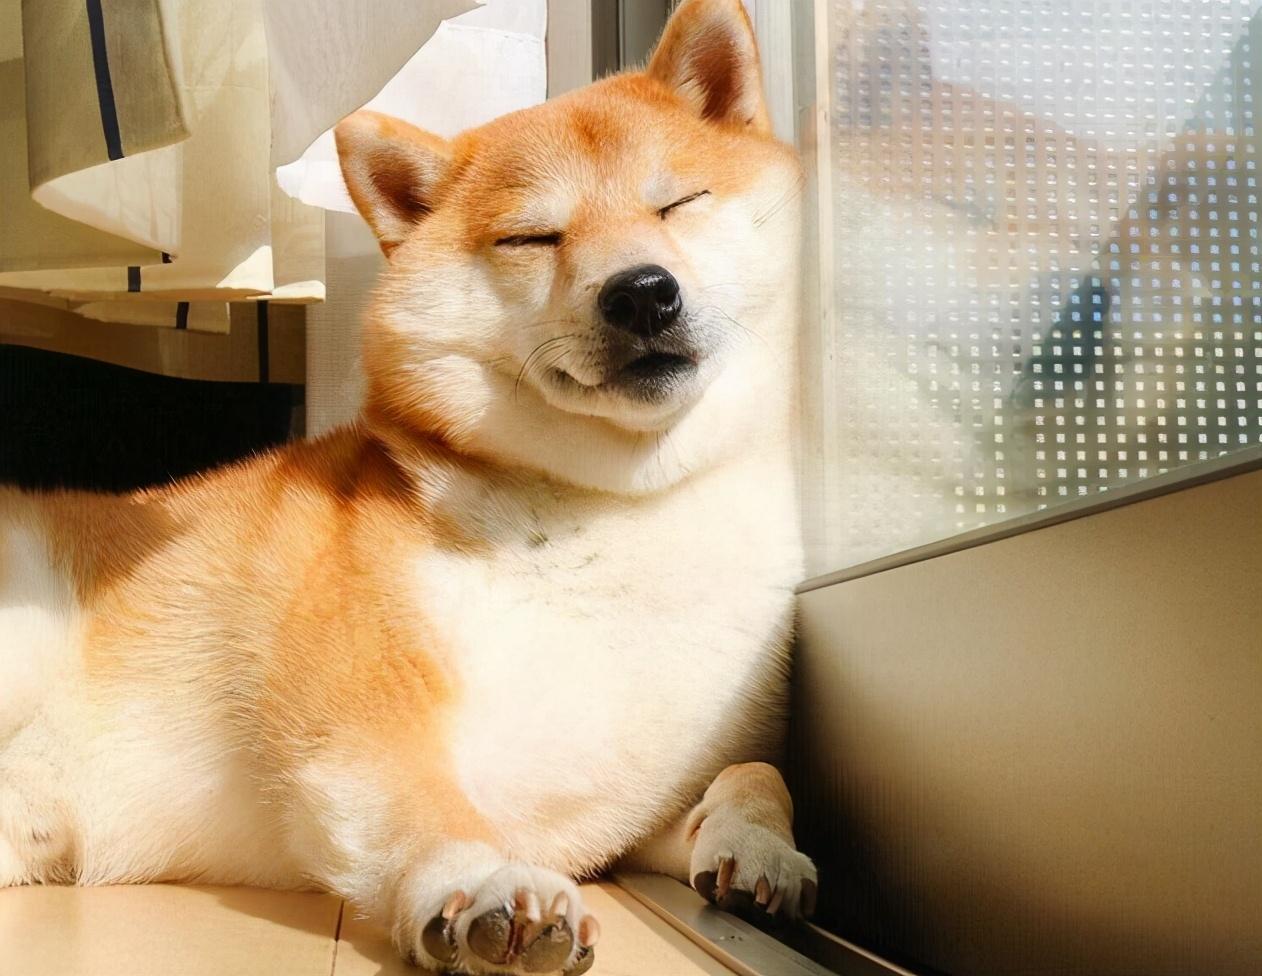 如何判断狗狗信不信任你?从睡姿就能了解